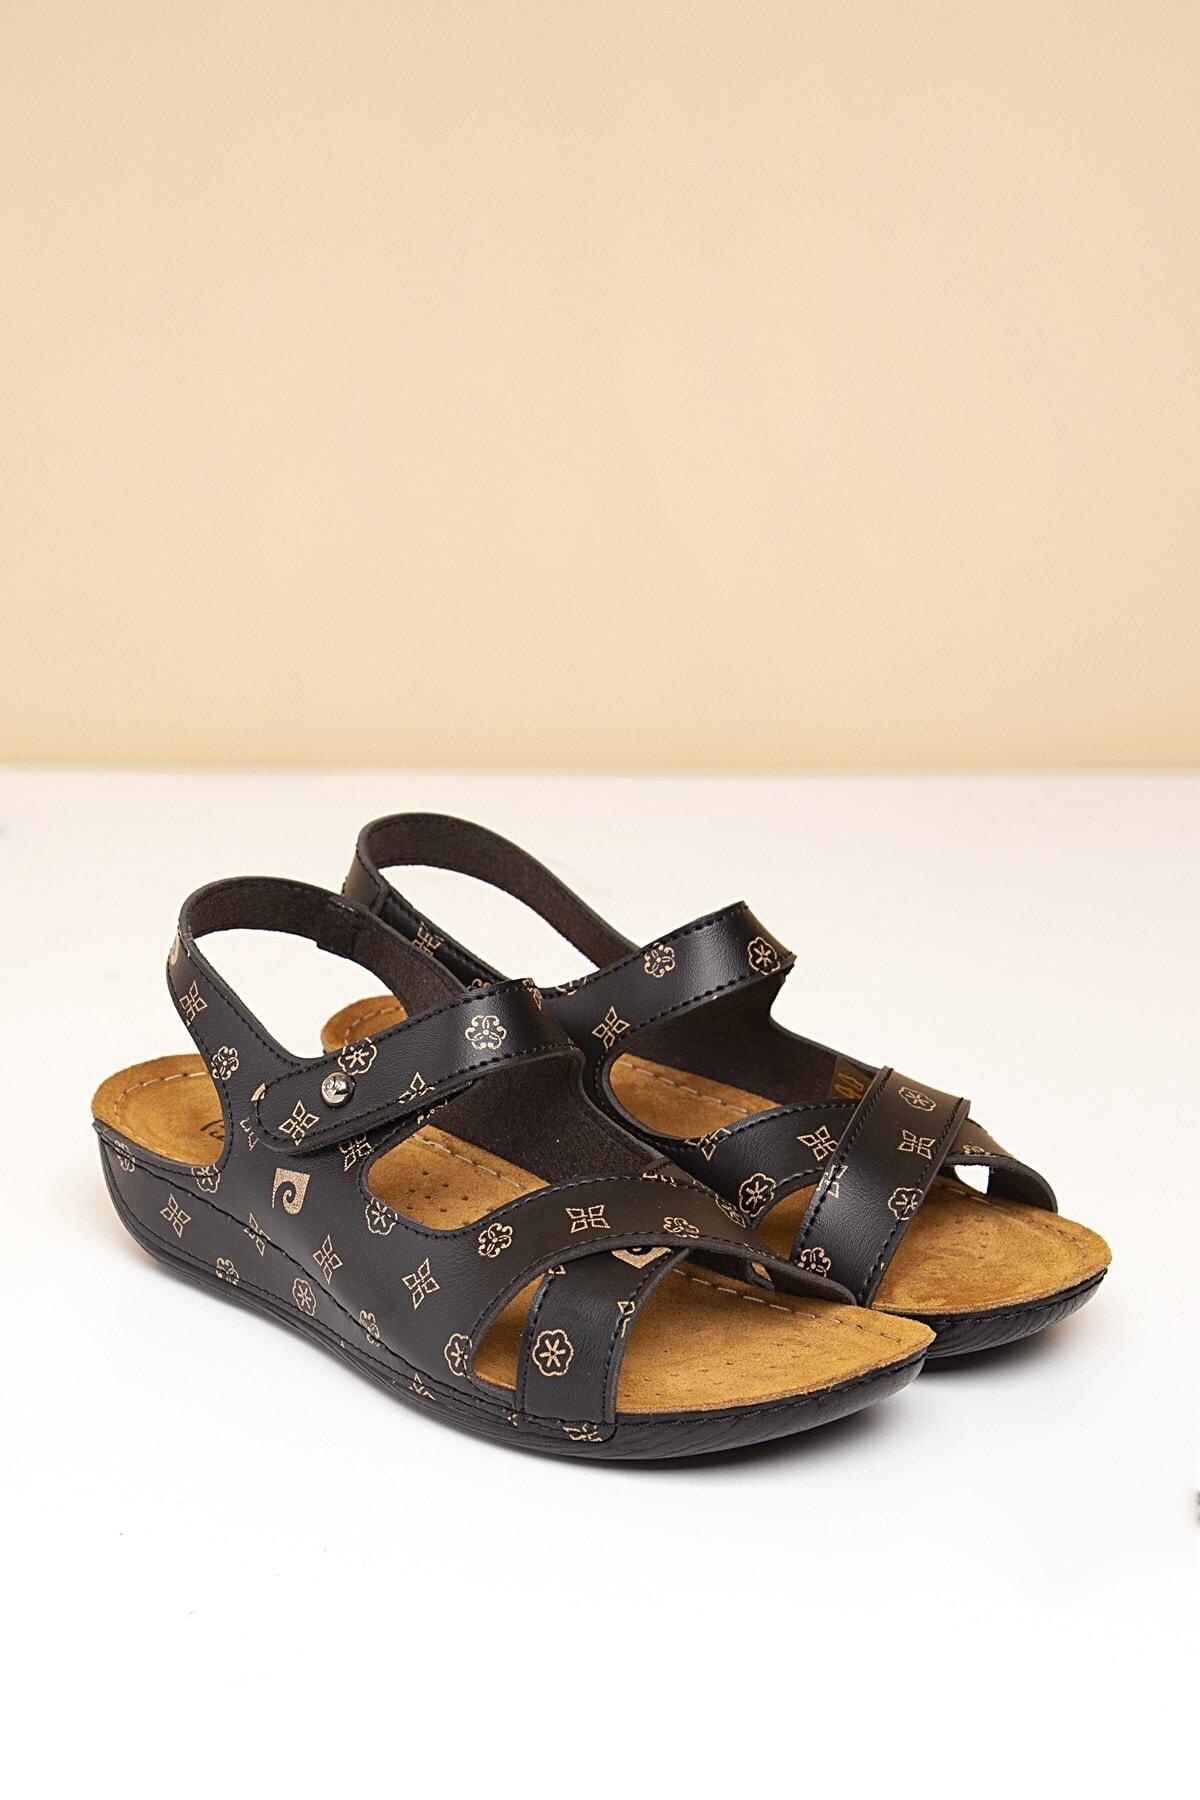 Pc-6172 Siyah-bej Kadın Sandalet